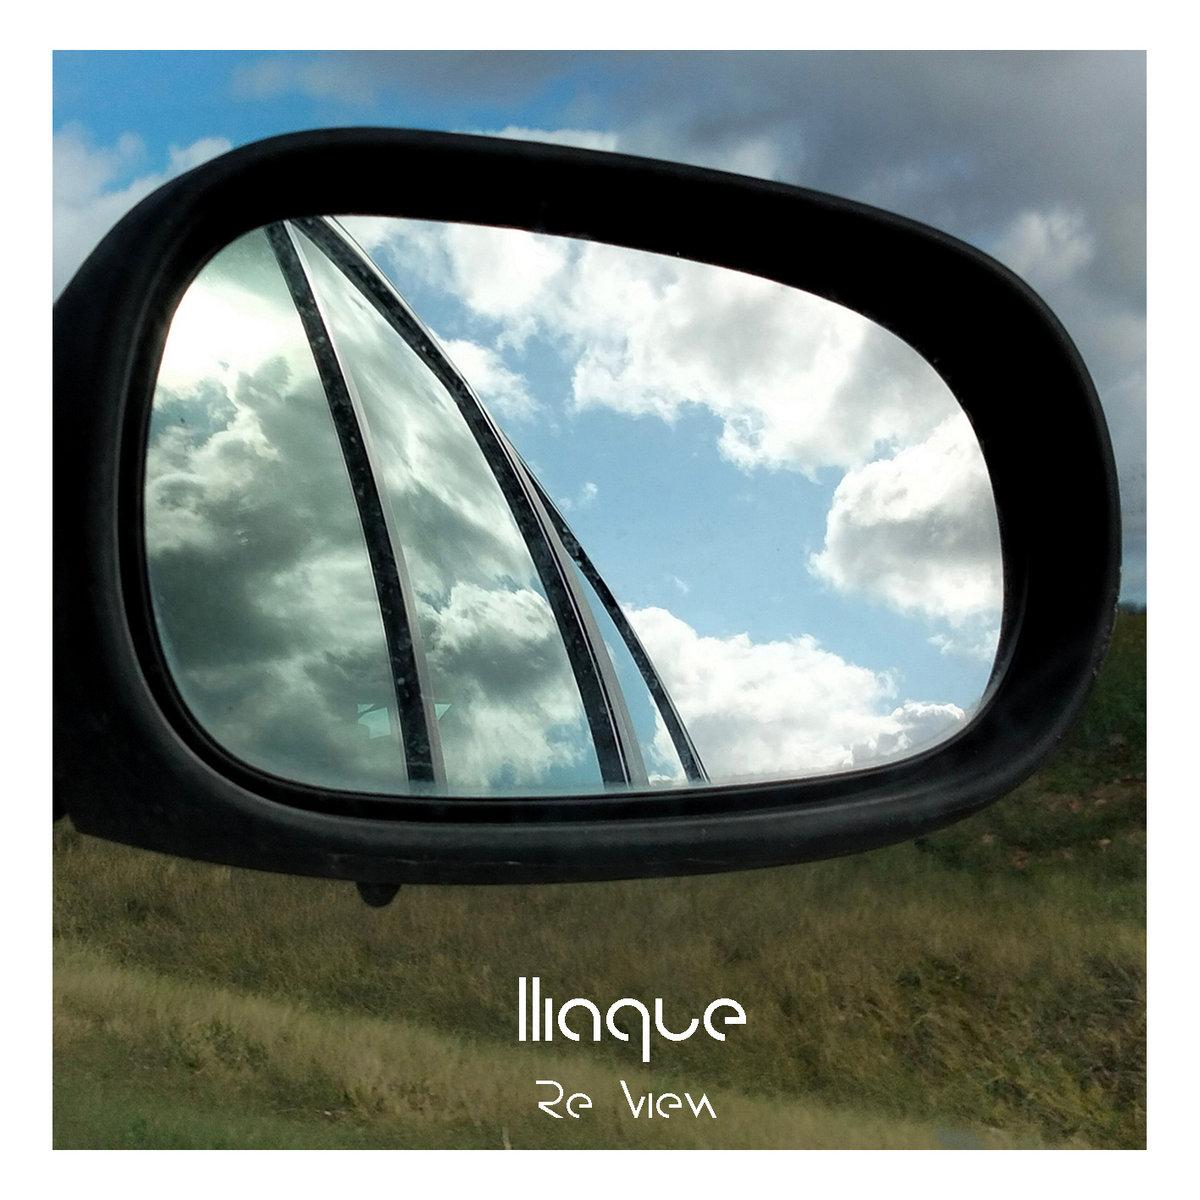 Iliaque – Re View